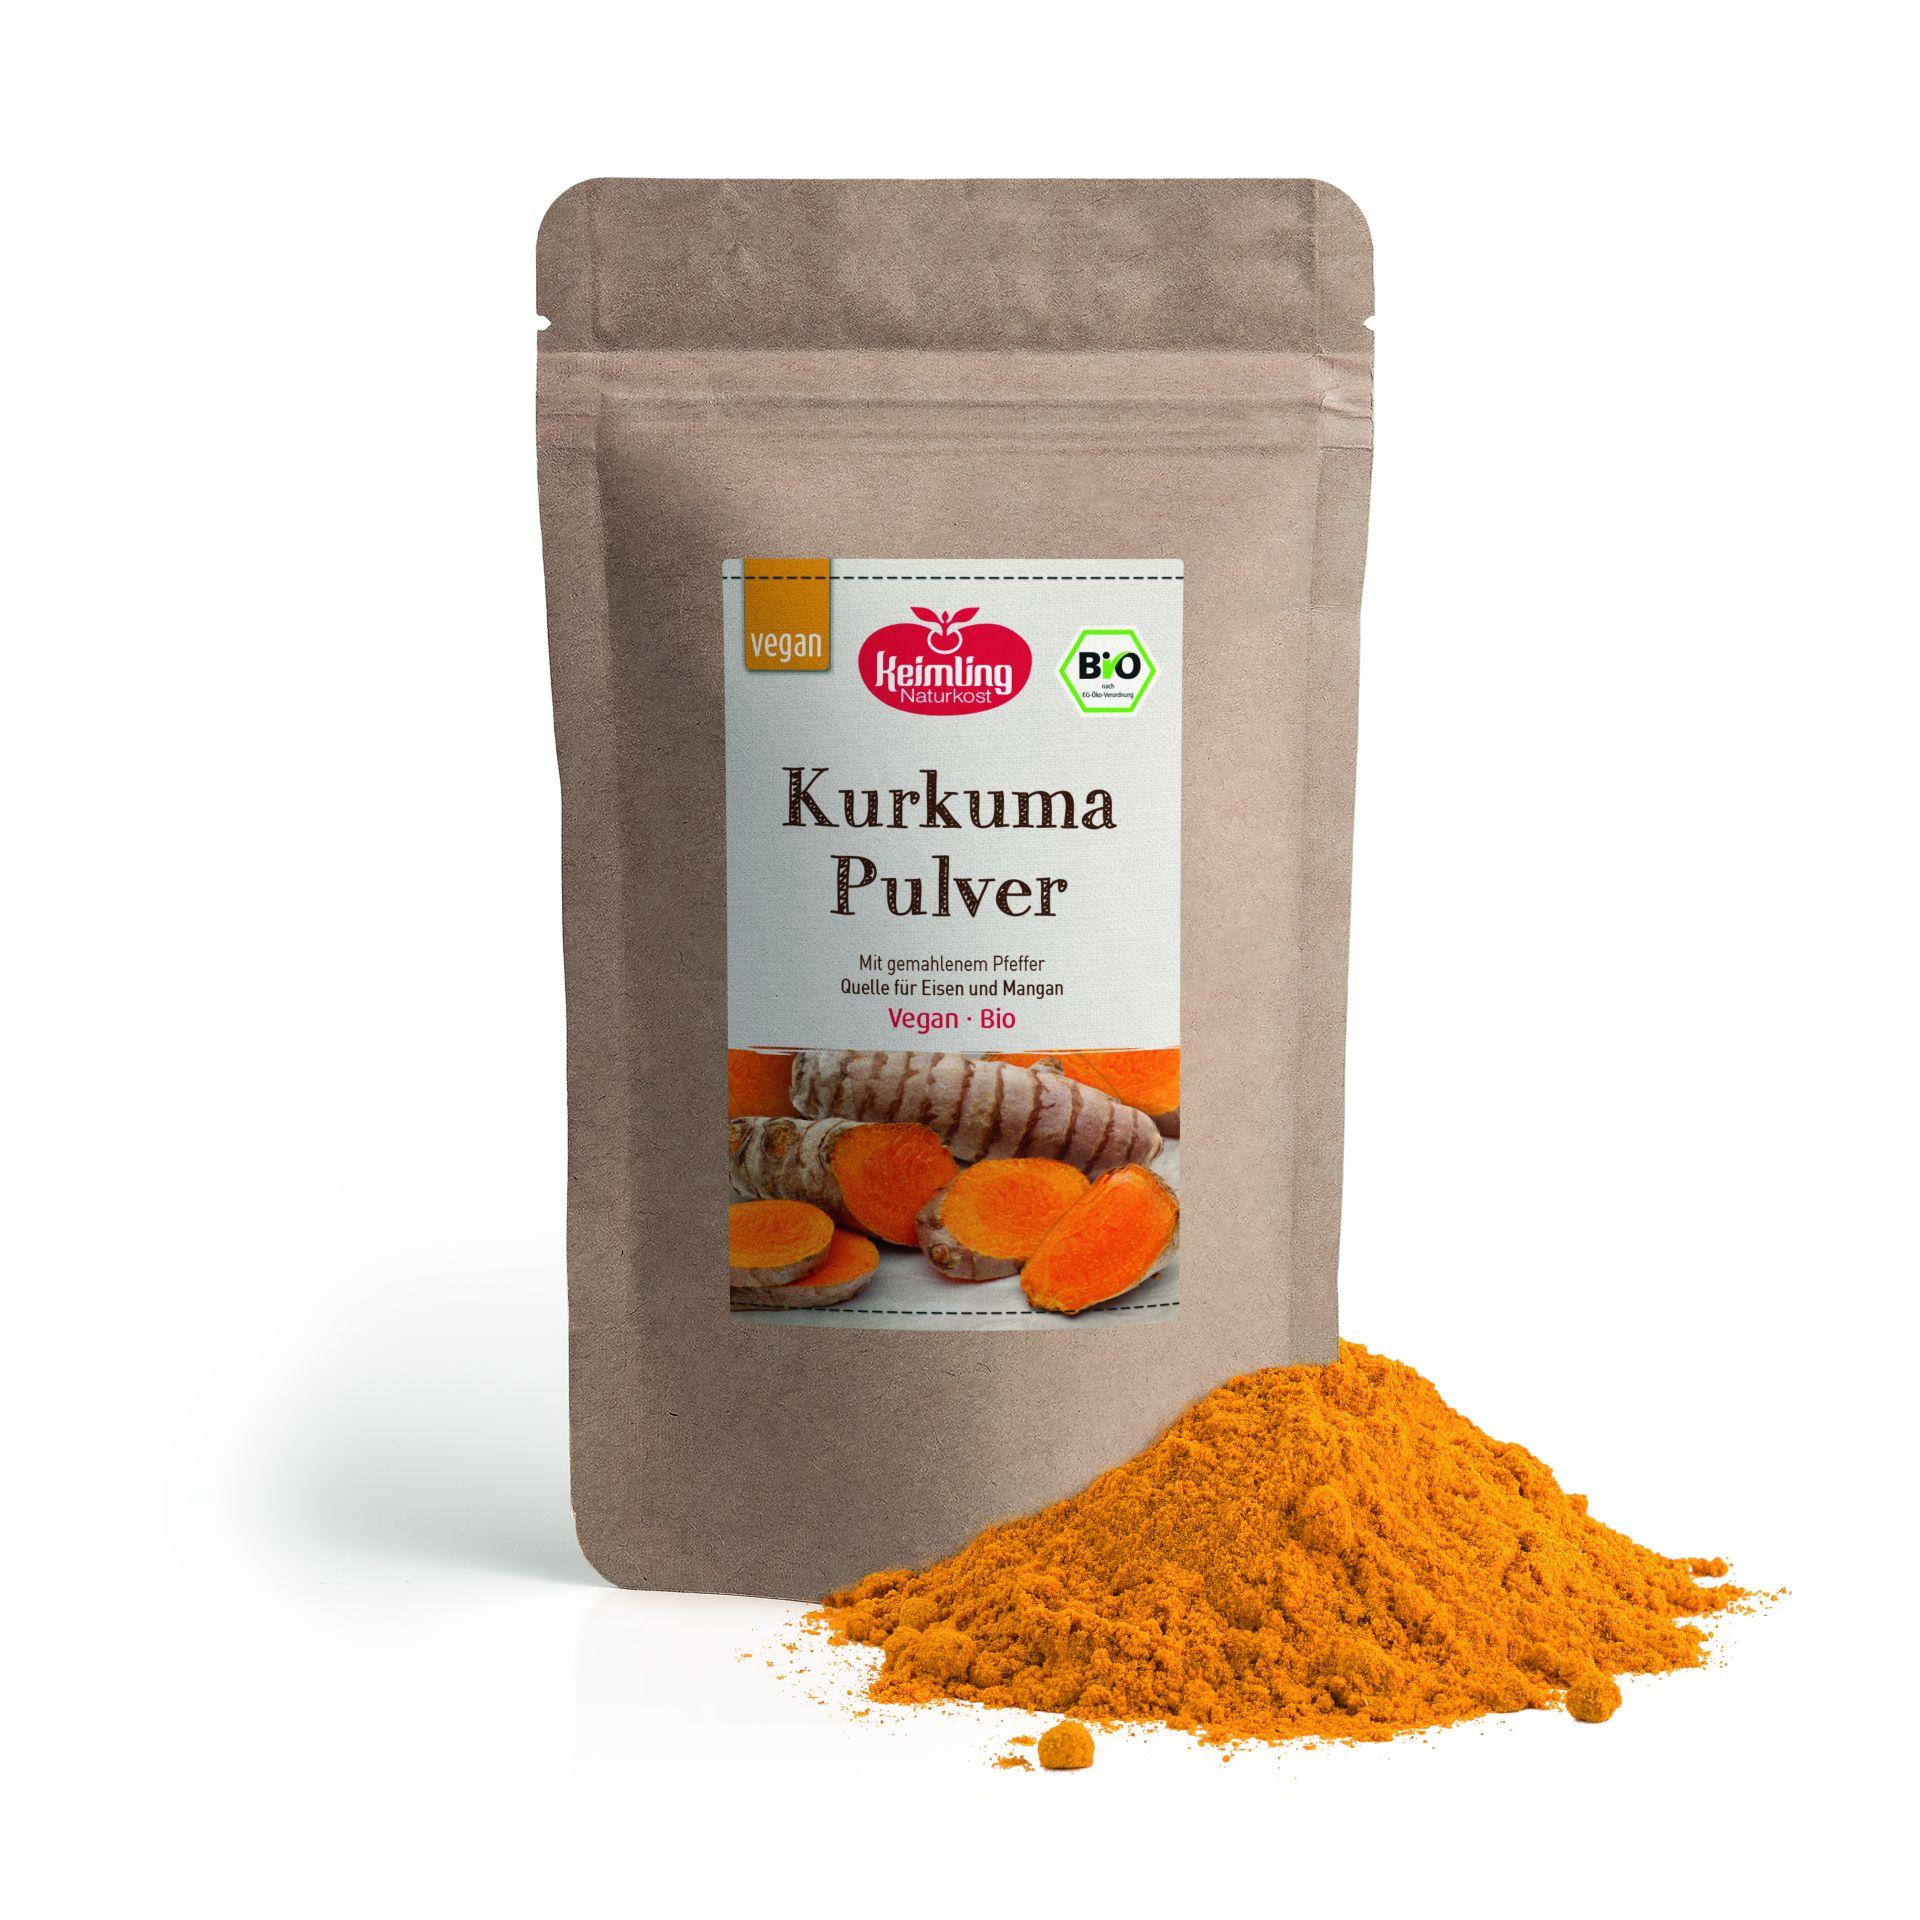 Kurkuma Pulver mit Pfeffer, bio 100 g